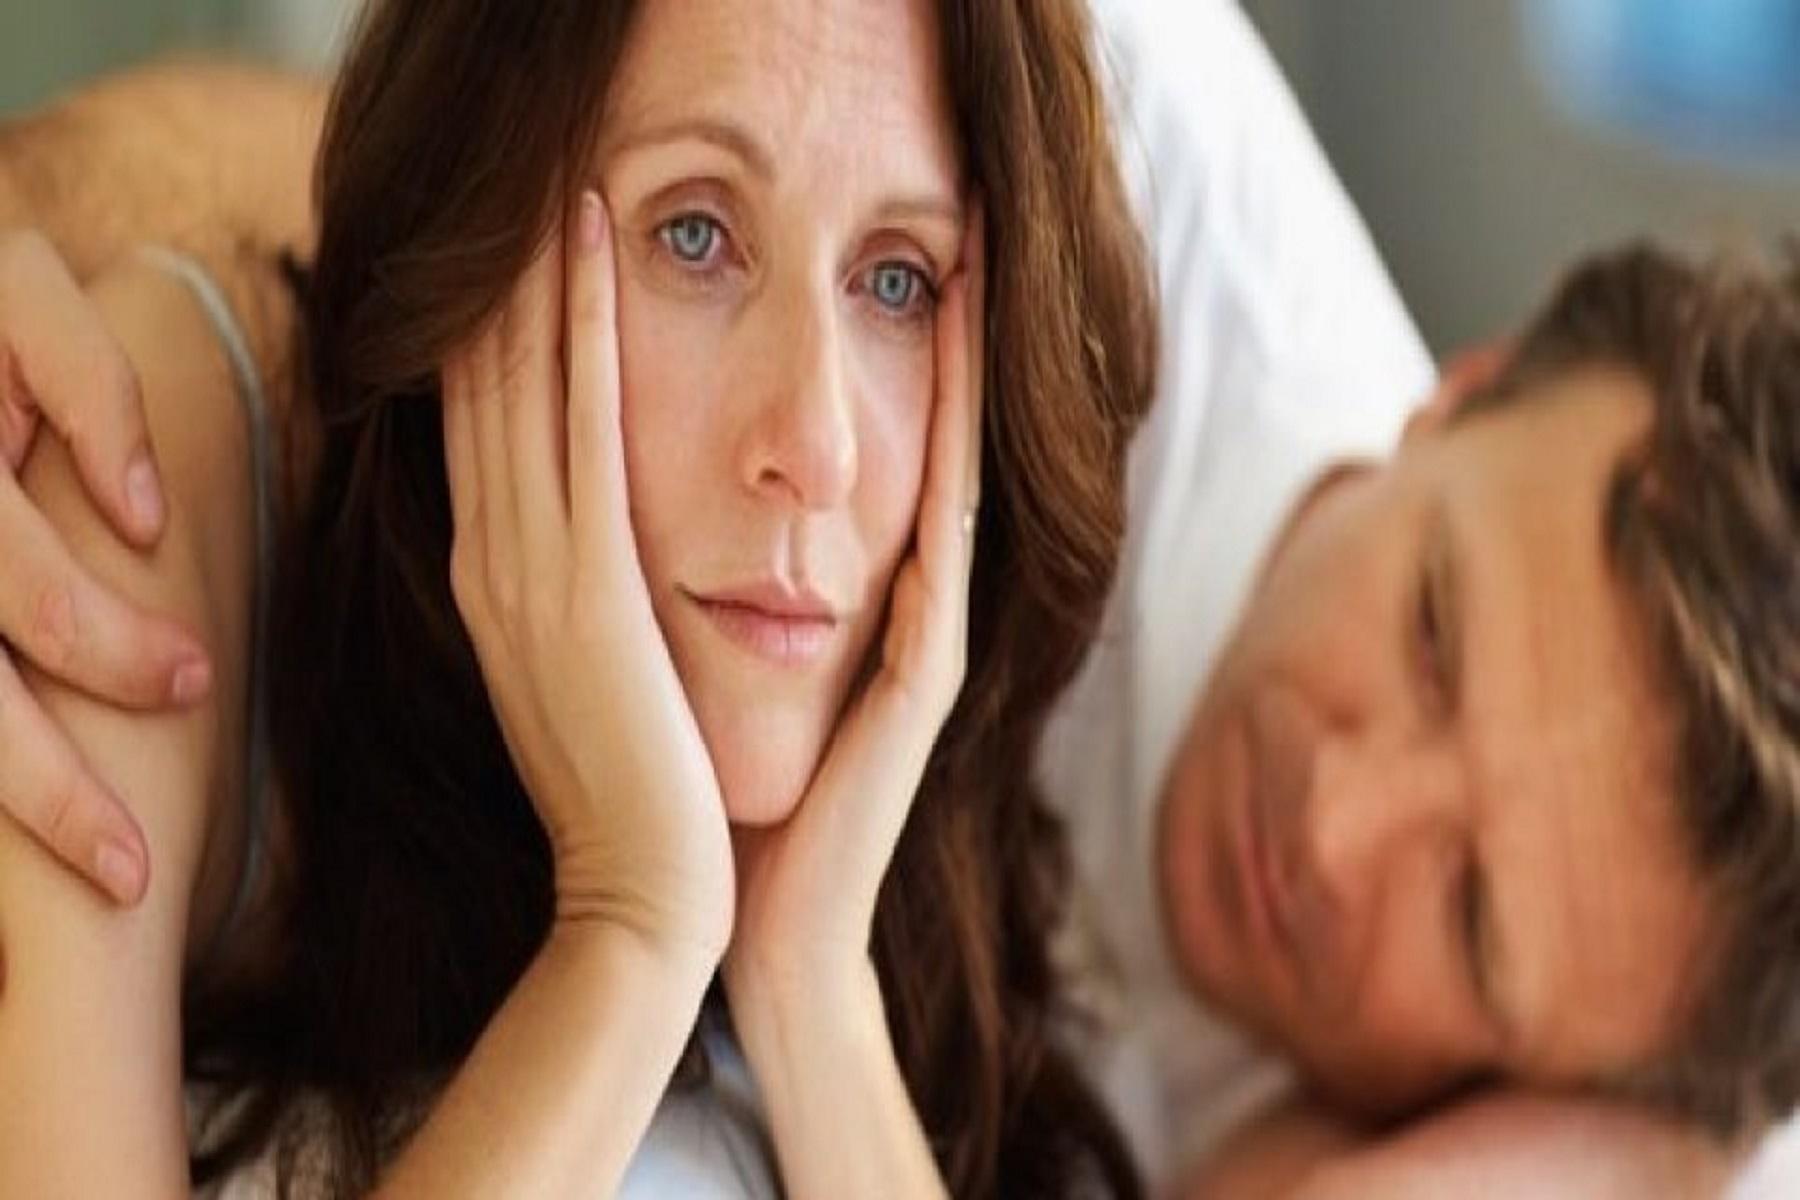 Ψυχική Υγεία: Άνθρωποι με συντρόφους με σχιζοφρένεια ή διπολική διαταραχή, αντιμετωπίζουν και οι ίδιοι ψυχολογικά προβλήματα